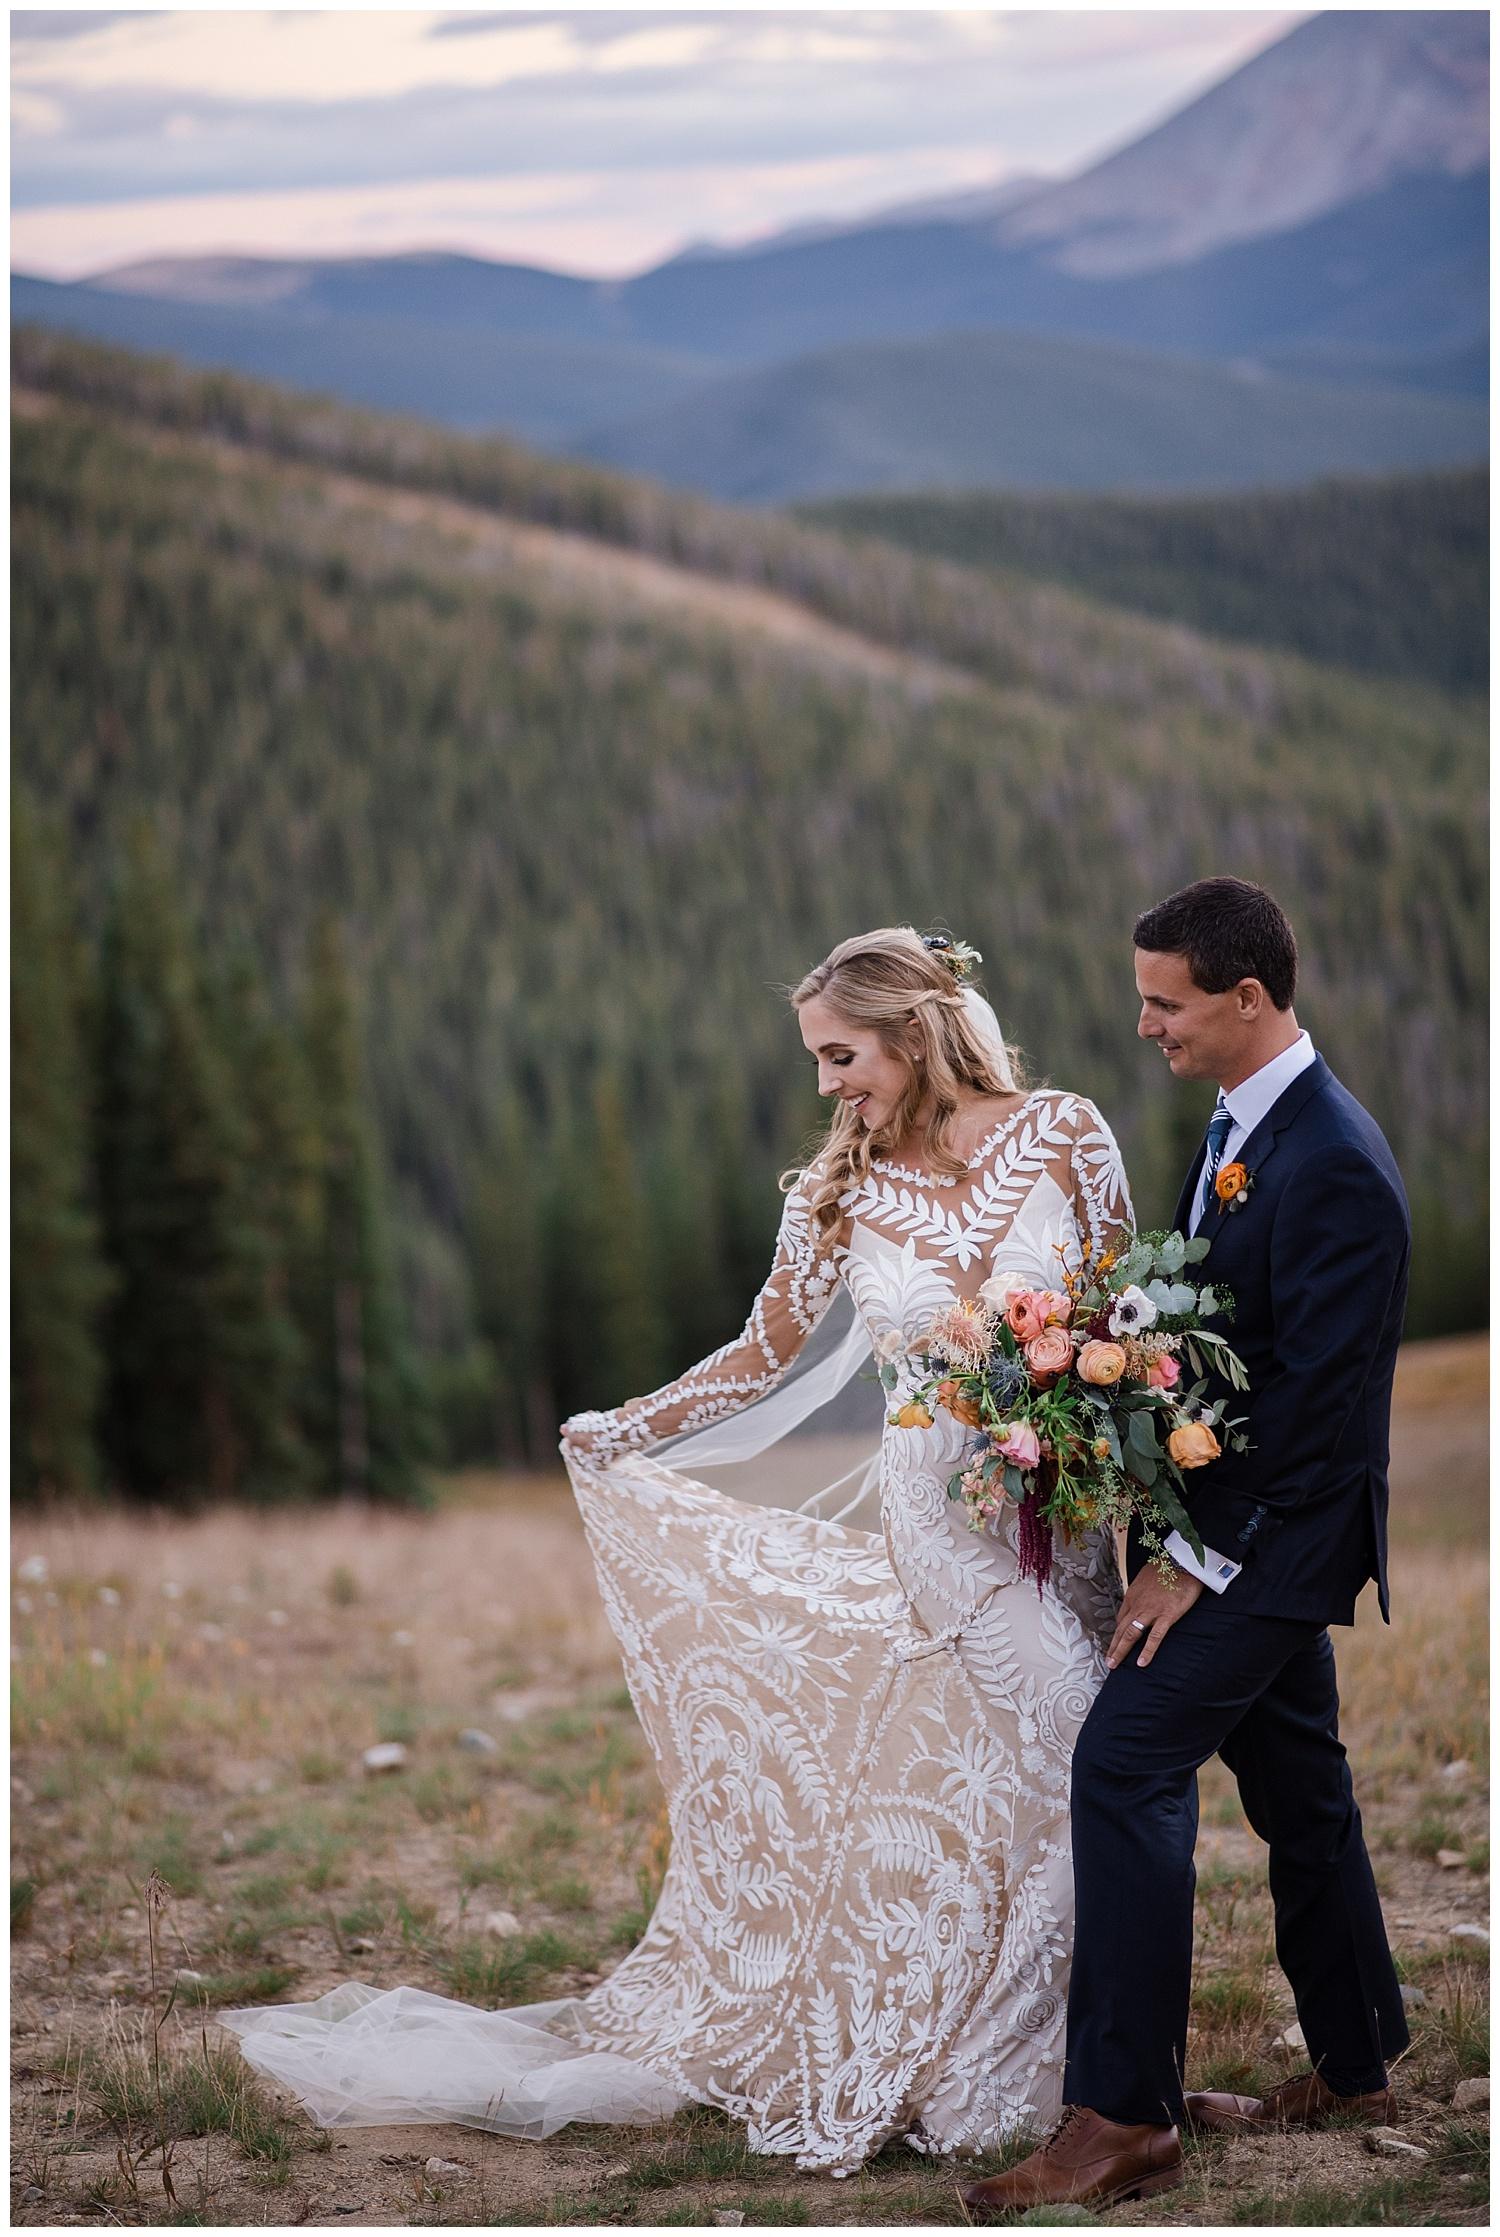 Bride and groom wedding portraits at Keystone, Bohemian Wedding at Keystone Resort, Mountain Wedding in Colorado, Colorado Wedding Photographer, Denver Wedding Photographer, Intimate Colorado Wedding Photographer, Rocky Mountain Wedding Photographer